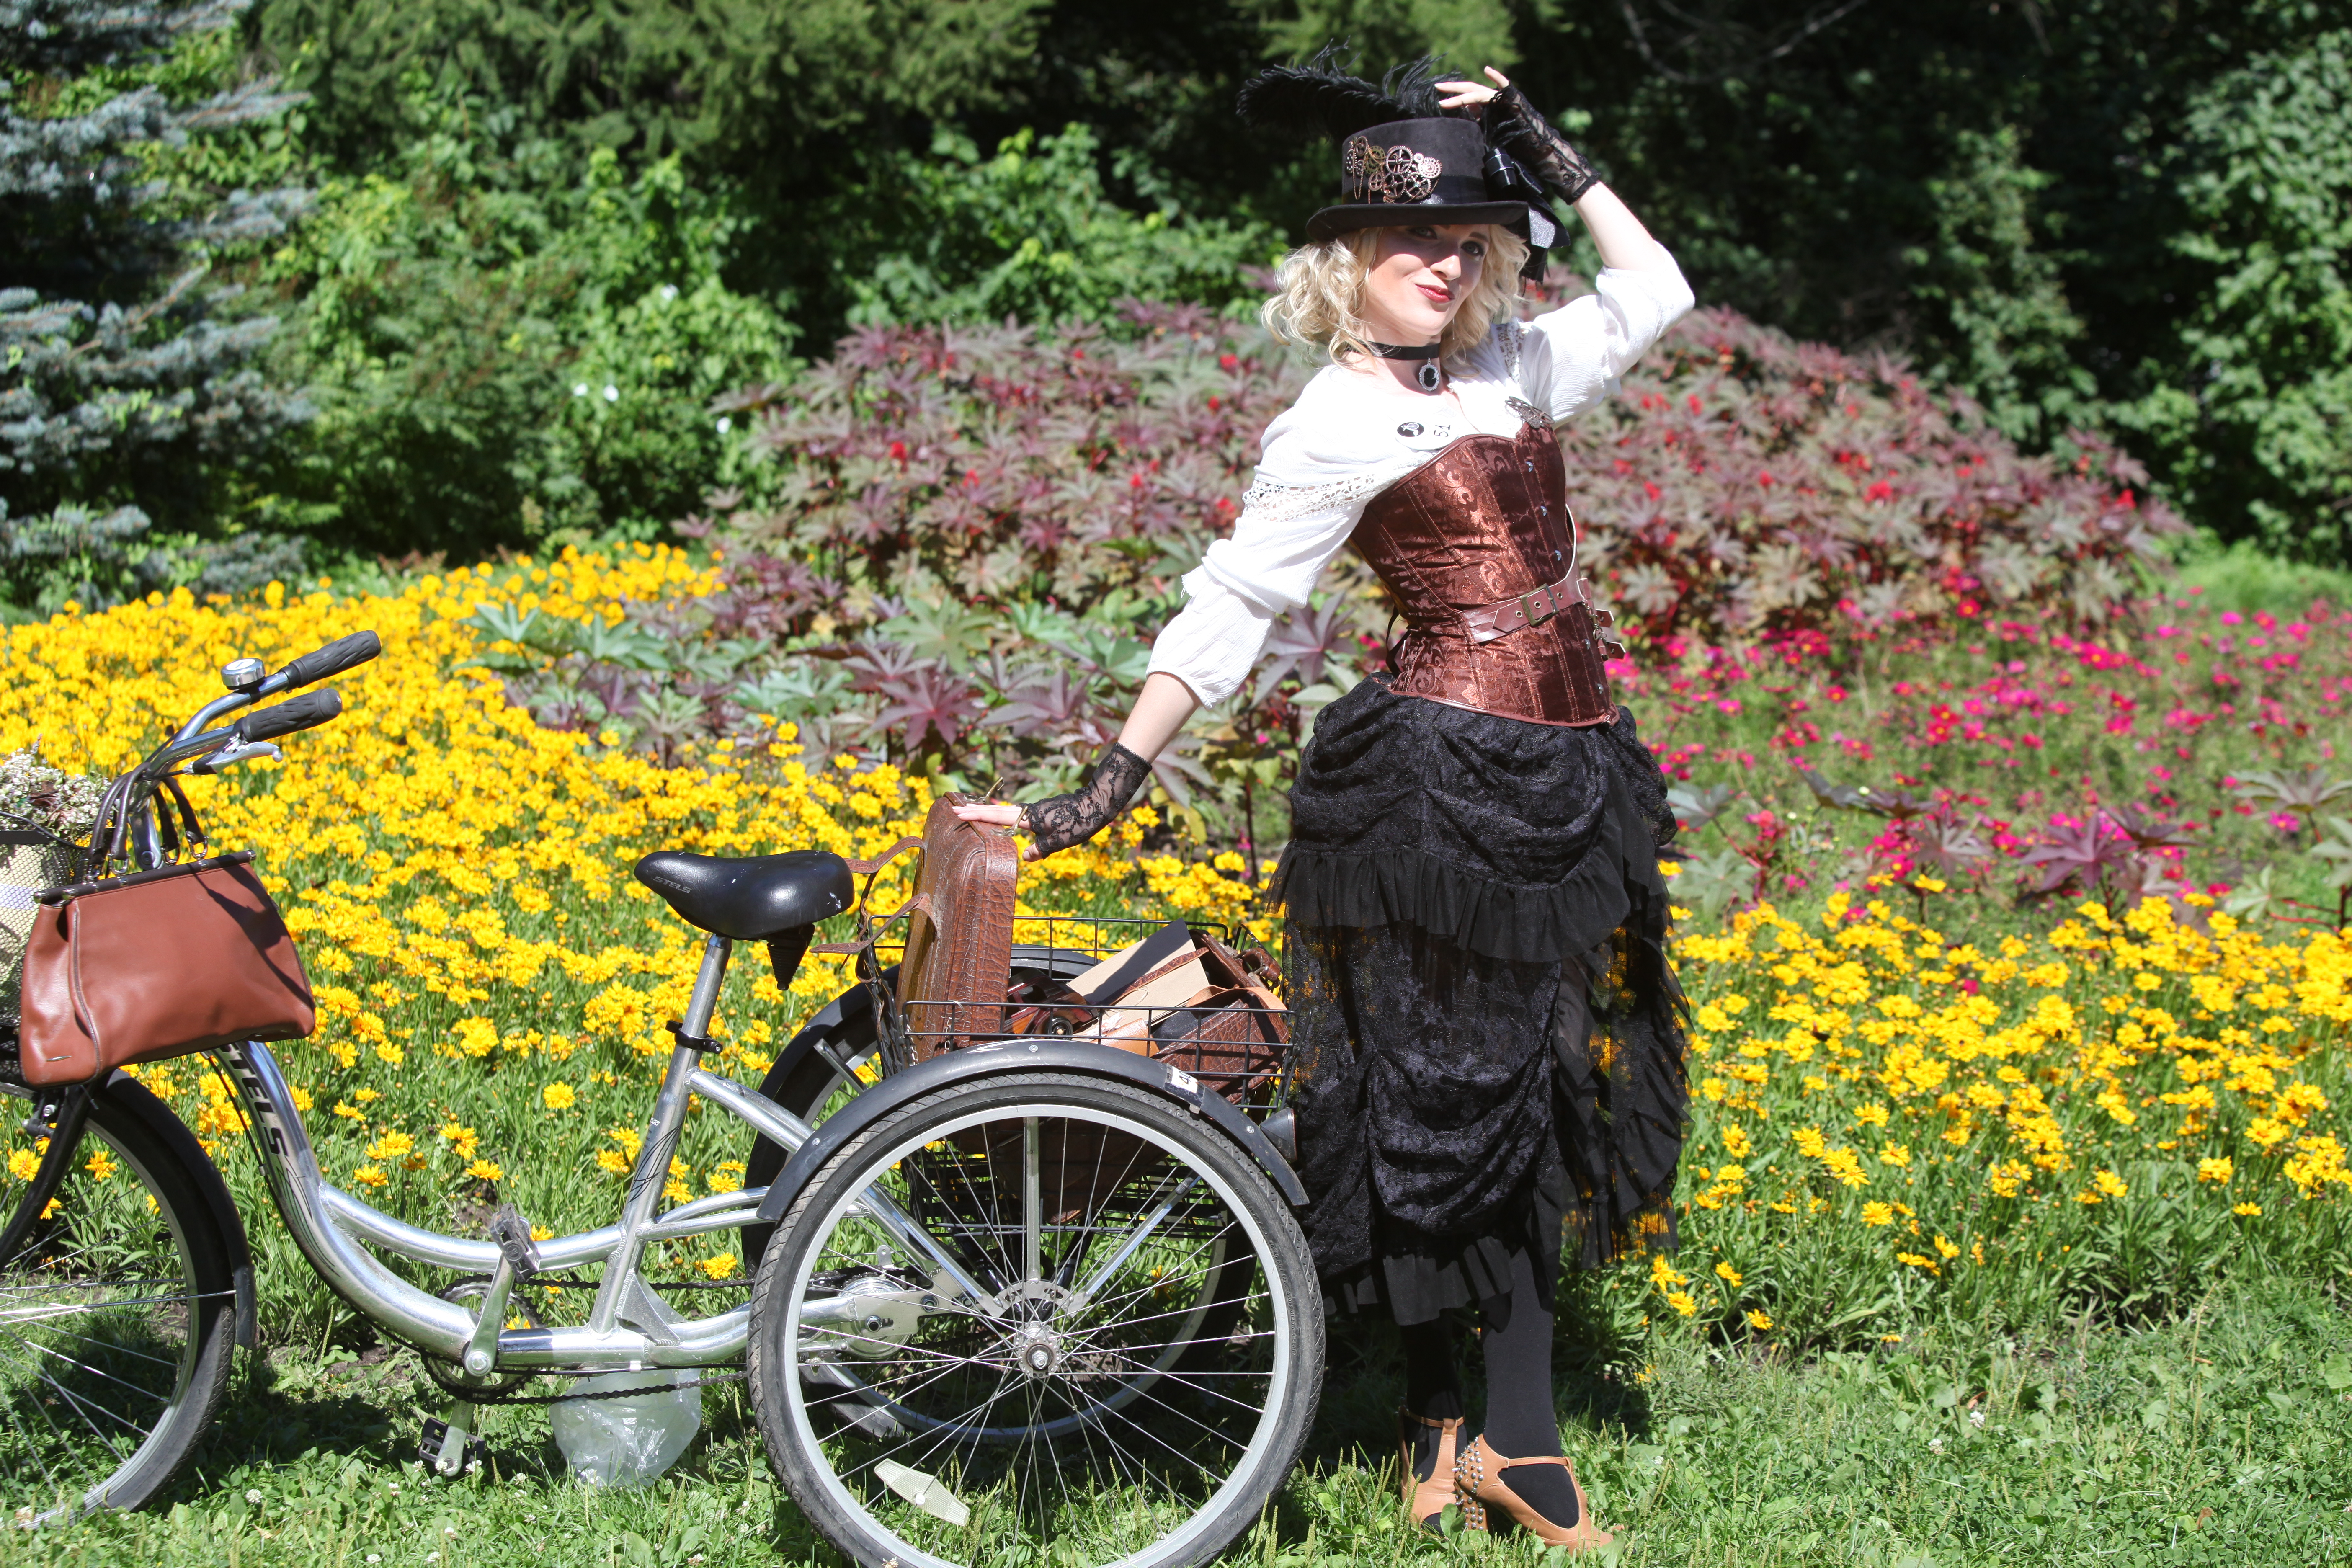 Участница велопарада в Сокольниках в старинном платье и рядом старинный трехколесный велосипед